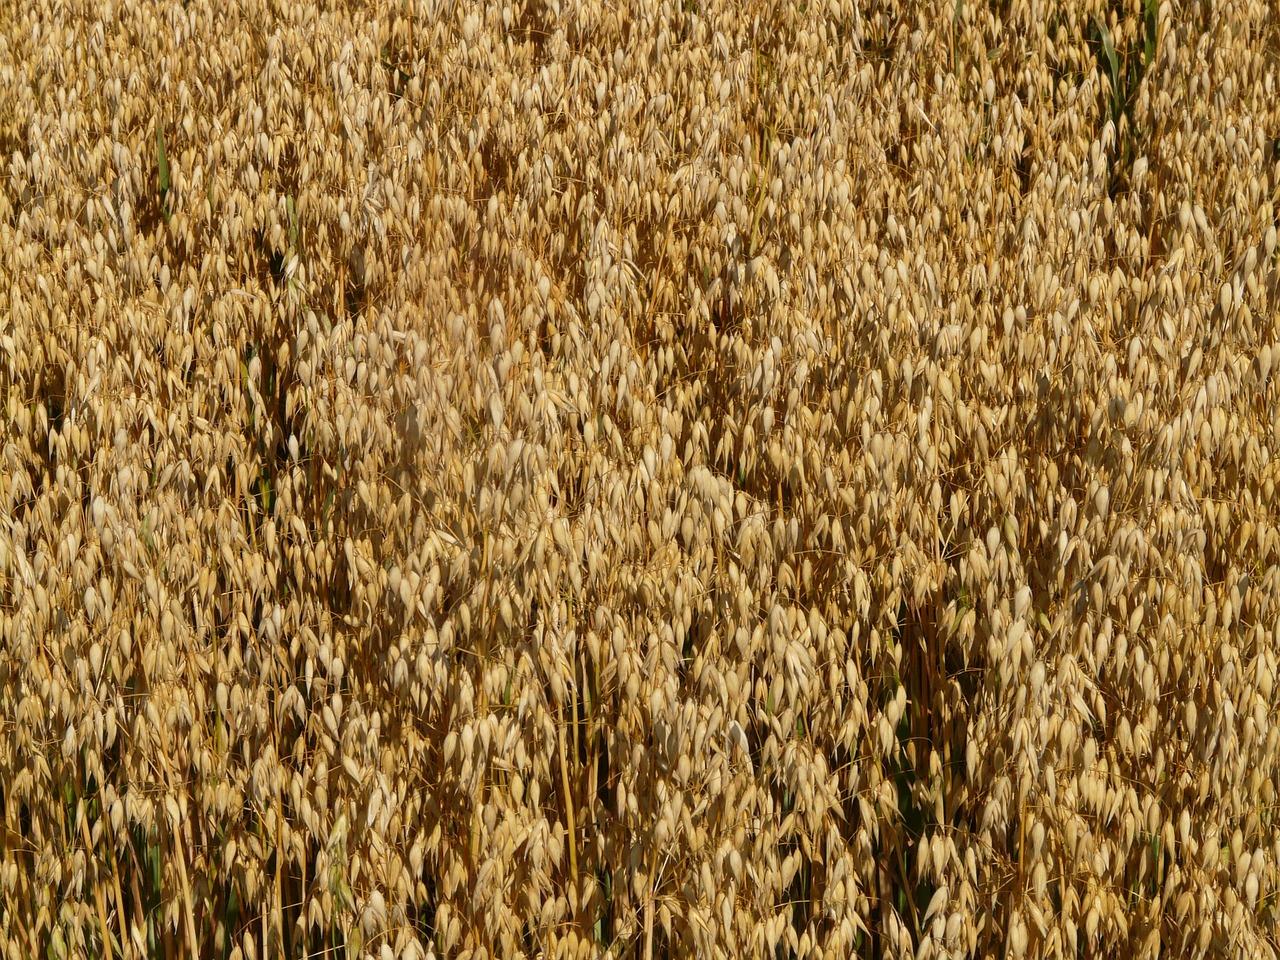 field-8943_1280.jpg